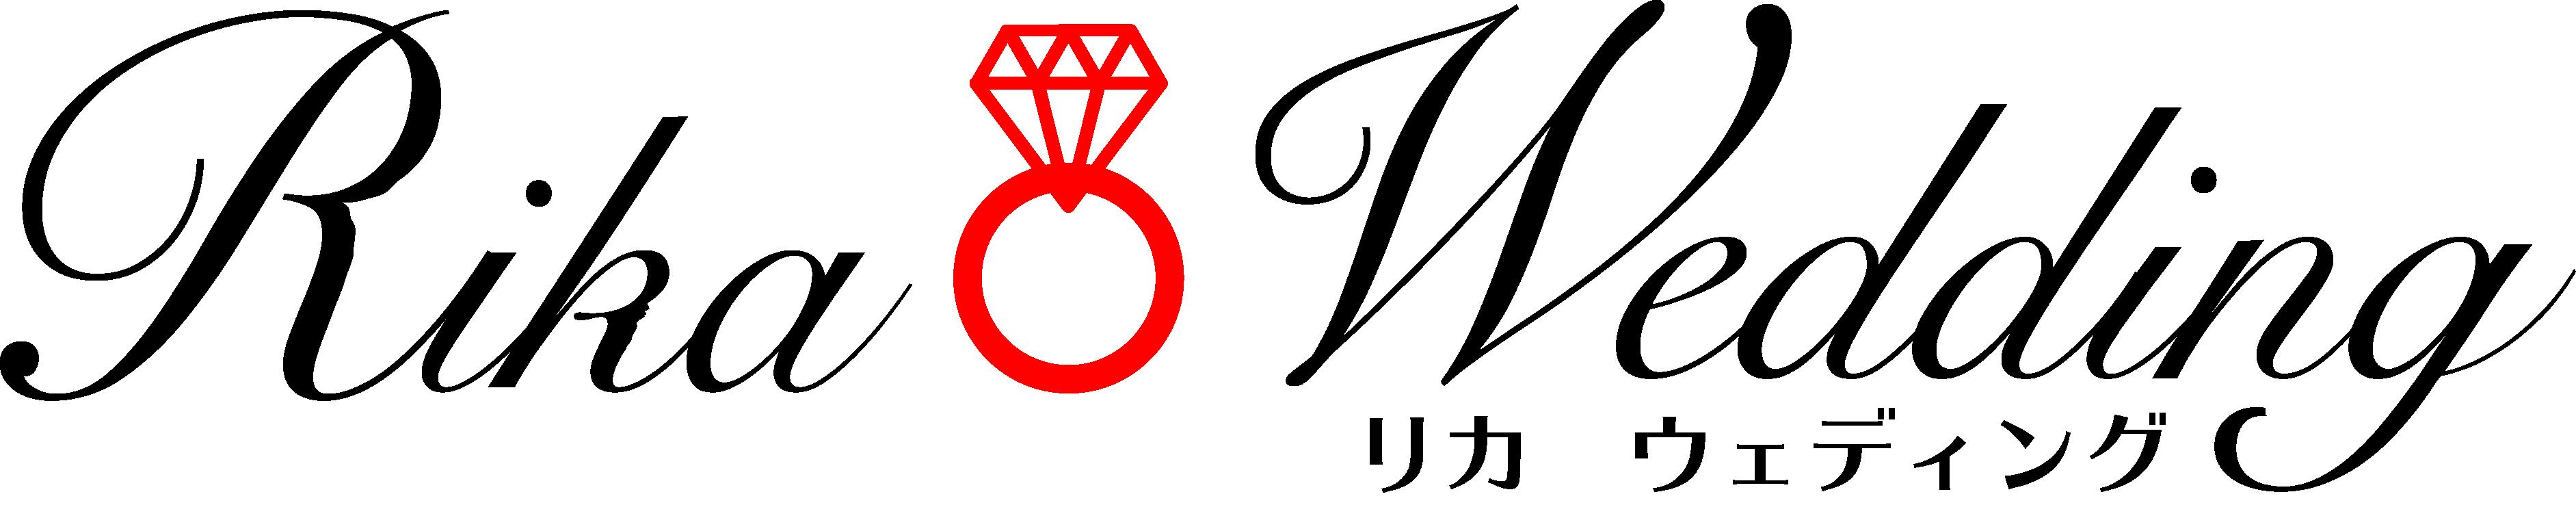 大人 シニアの結婚・再婚のプロデュース【リカウェディング】